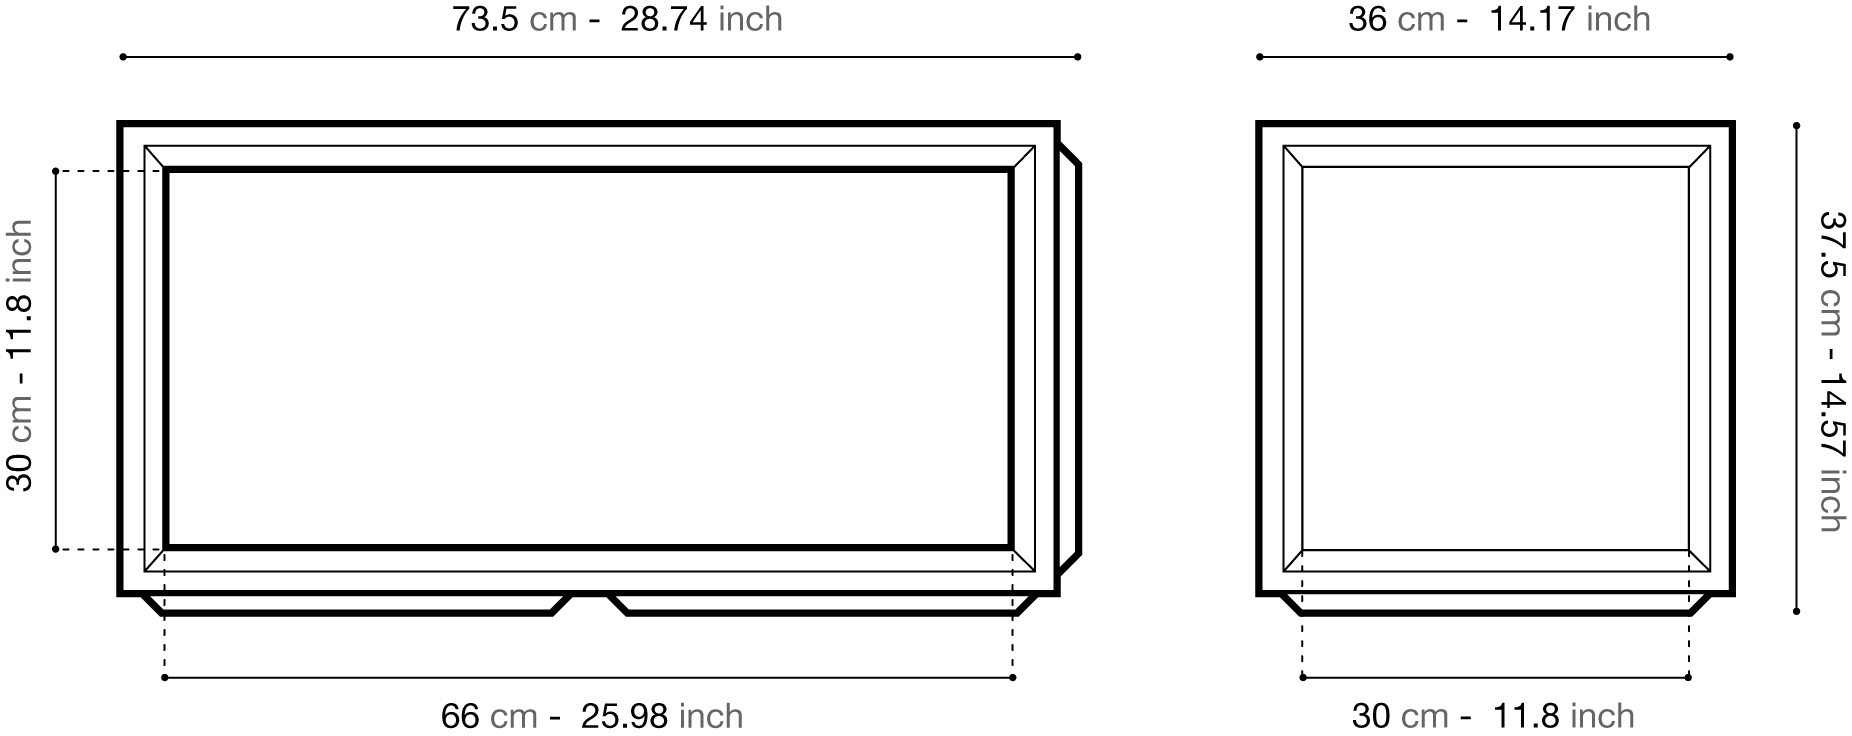 Abmasse-Betonmodul-Plus-Lyon-Beton